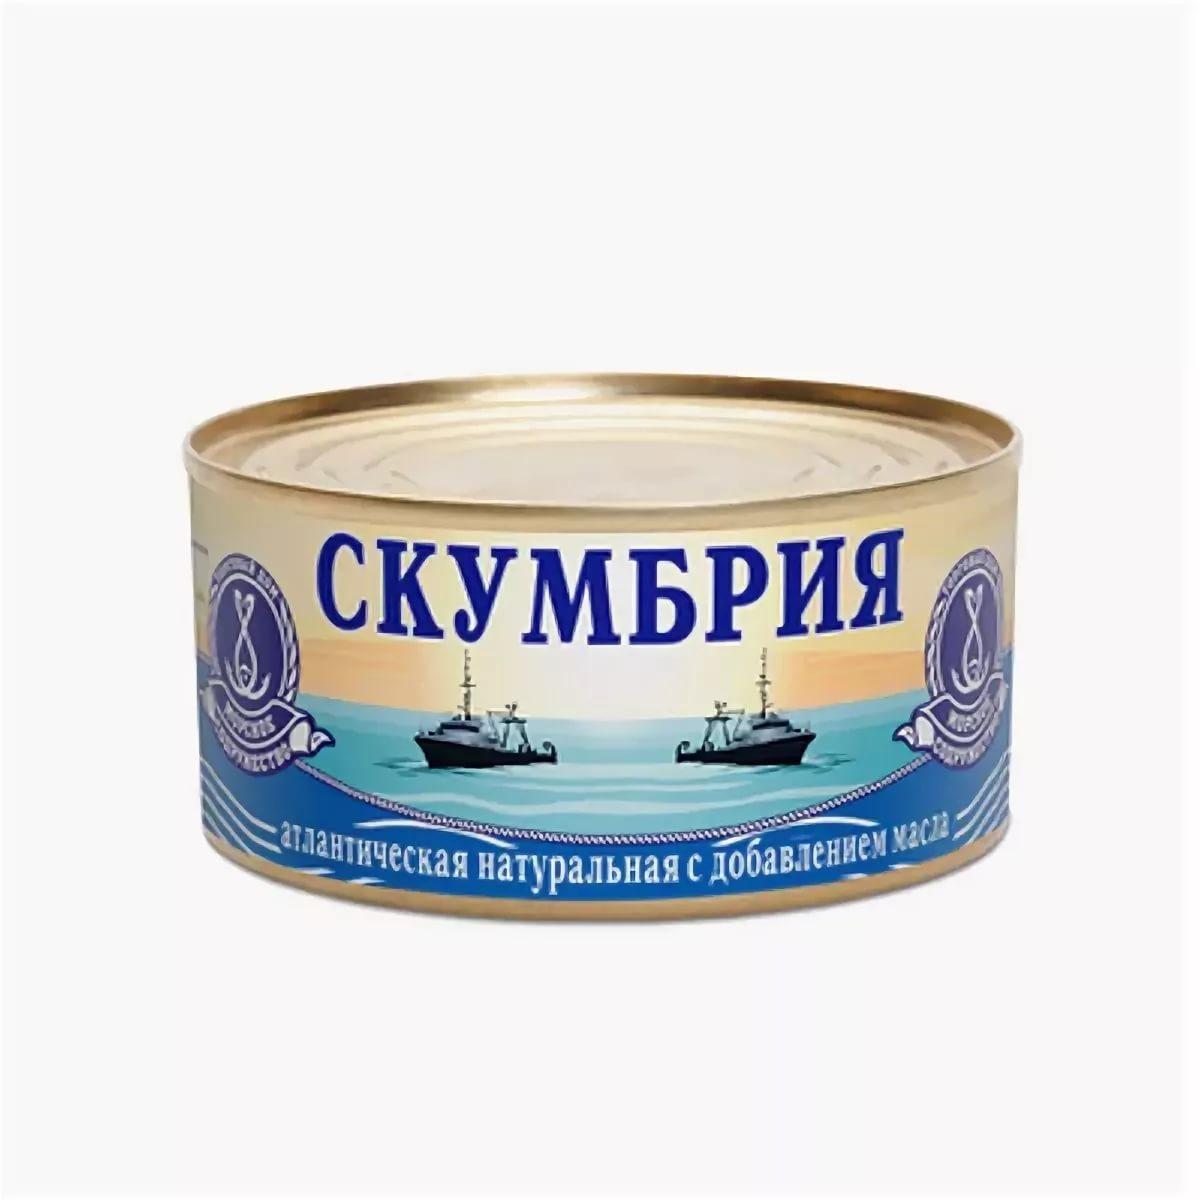 Скумбрия Морское Содружество Атлантическая натуральная с добавлением масла